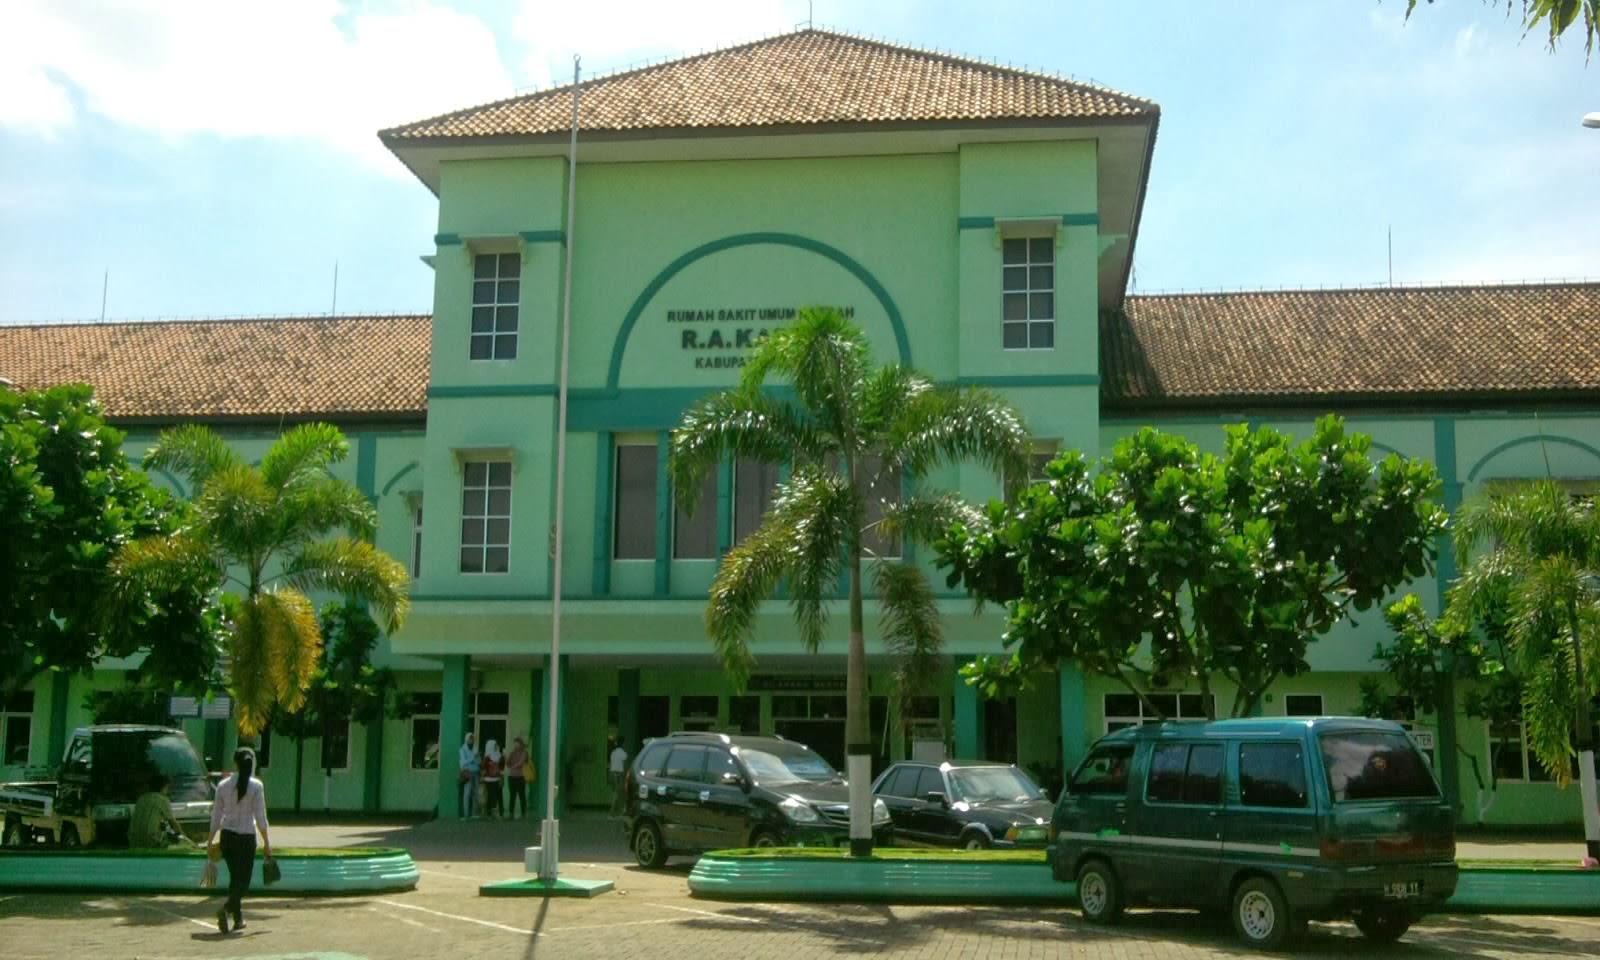 RSUD Kartini di Bapangan, Jepara. © http://deirarachmawati.blogspot.co.id